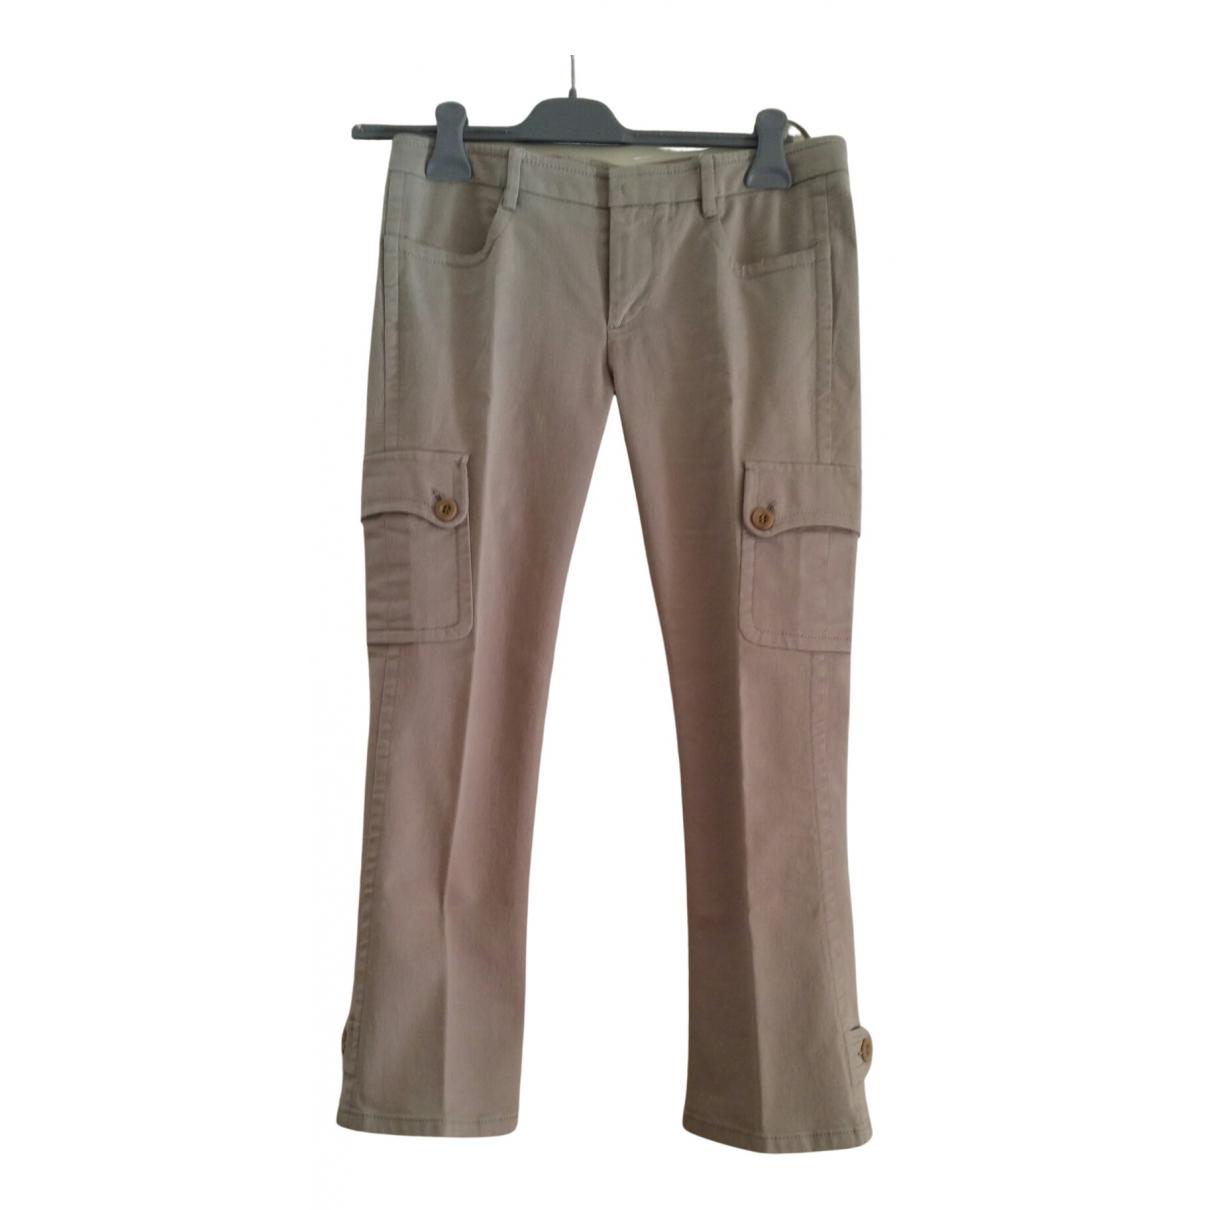 Pantalon en Algodon Beige Miu Miu